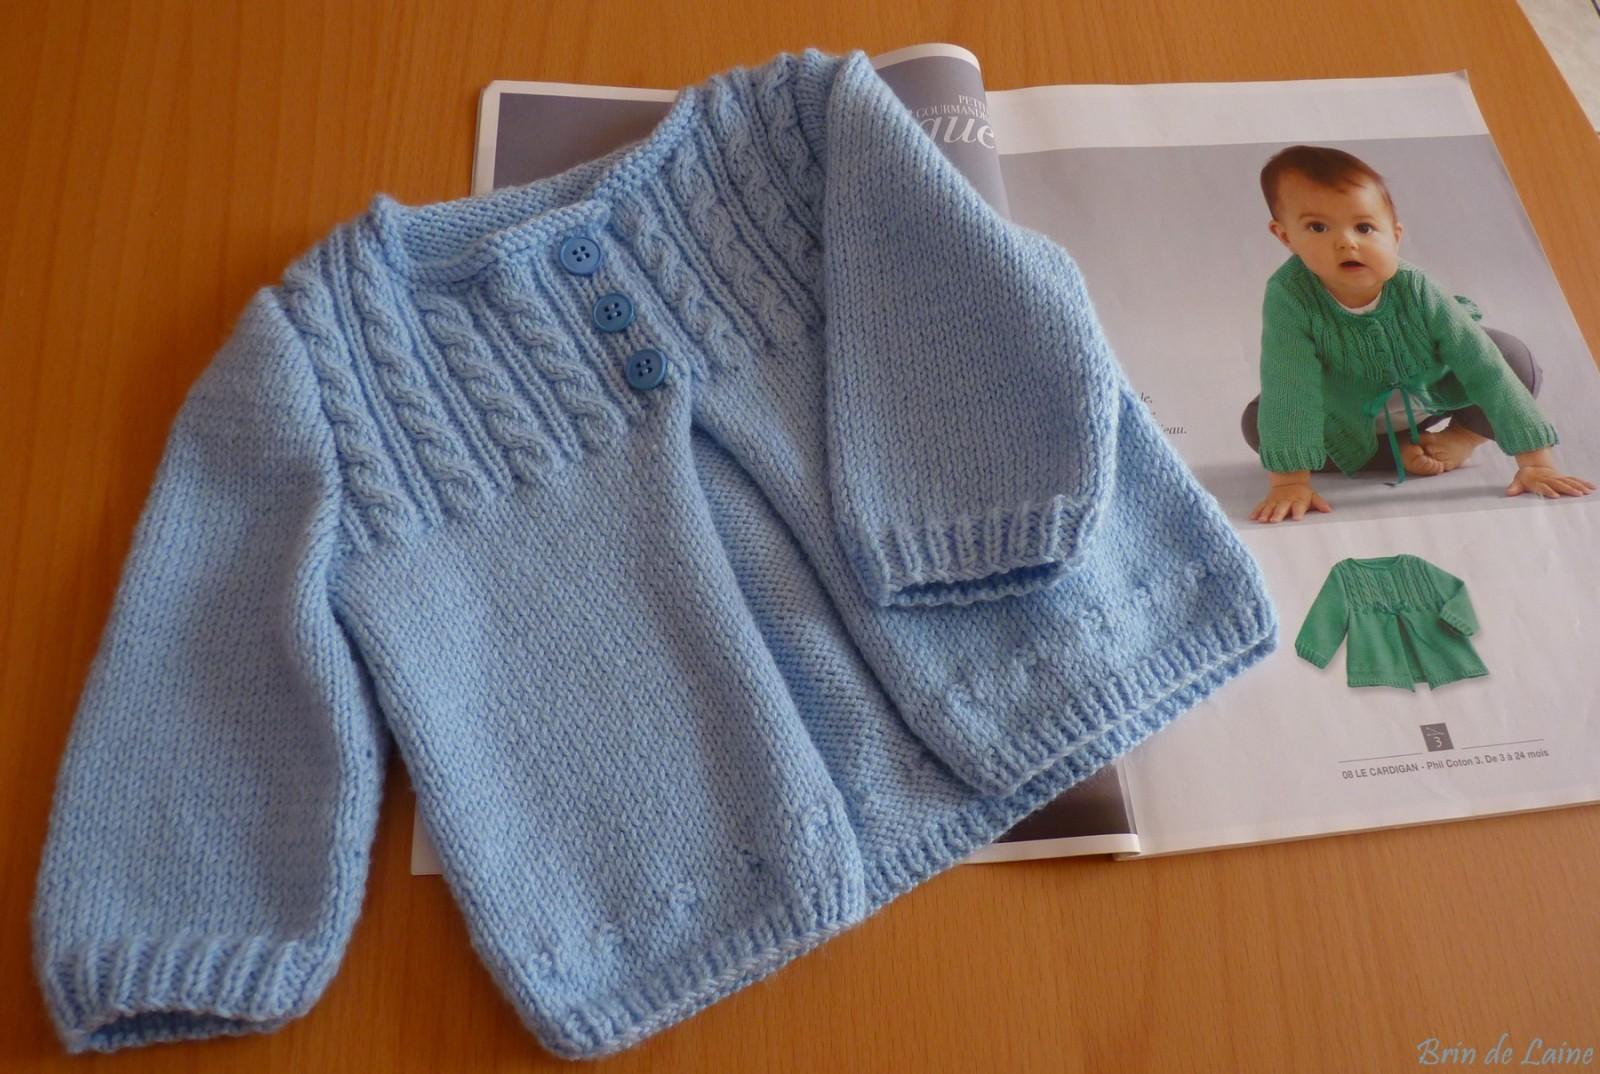 ce33b6397fcb4 Je veux trouver un joli tricot pour mon bébé ou à offrir pas cher ICI Modele  gratuit layette